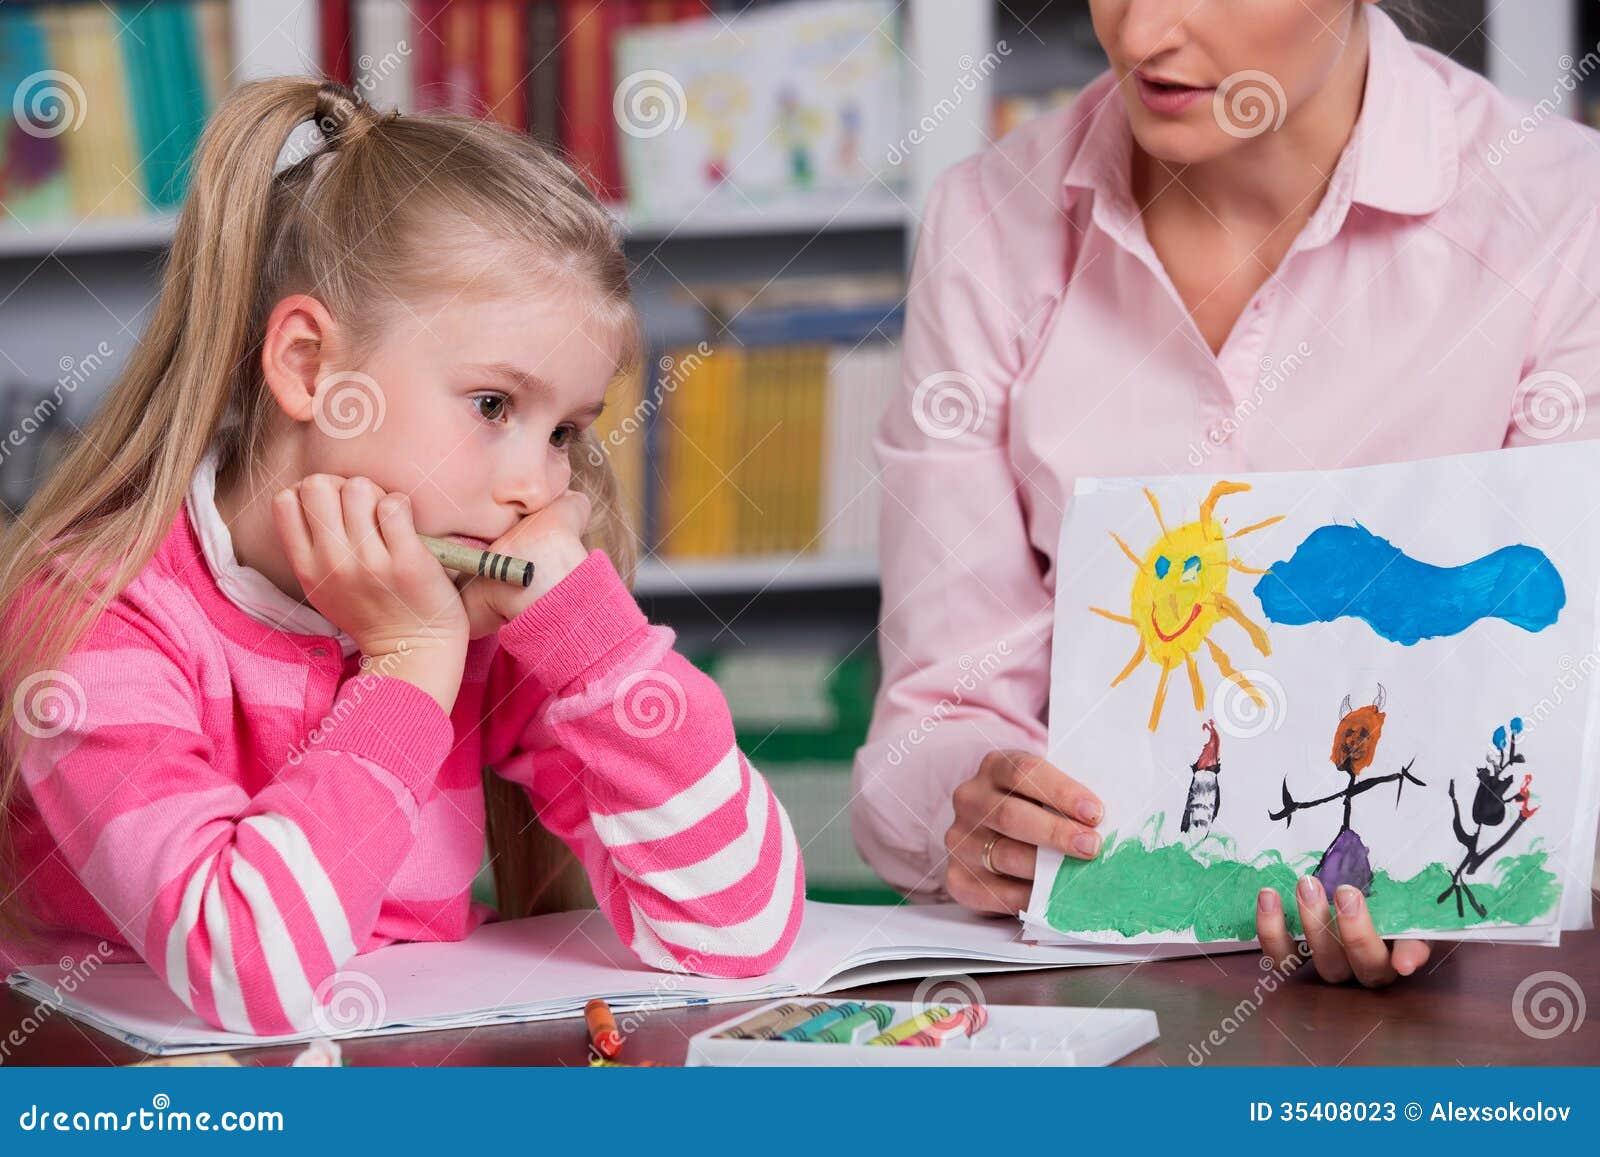 Risultati immagini per psicologo infantile